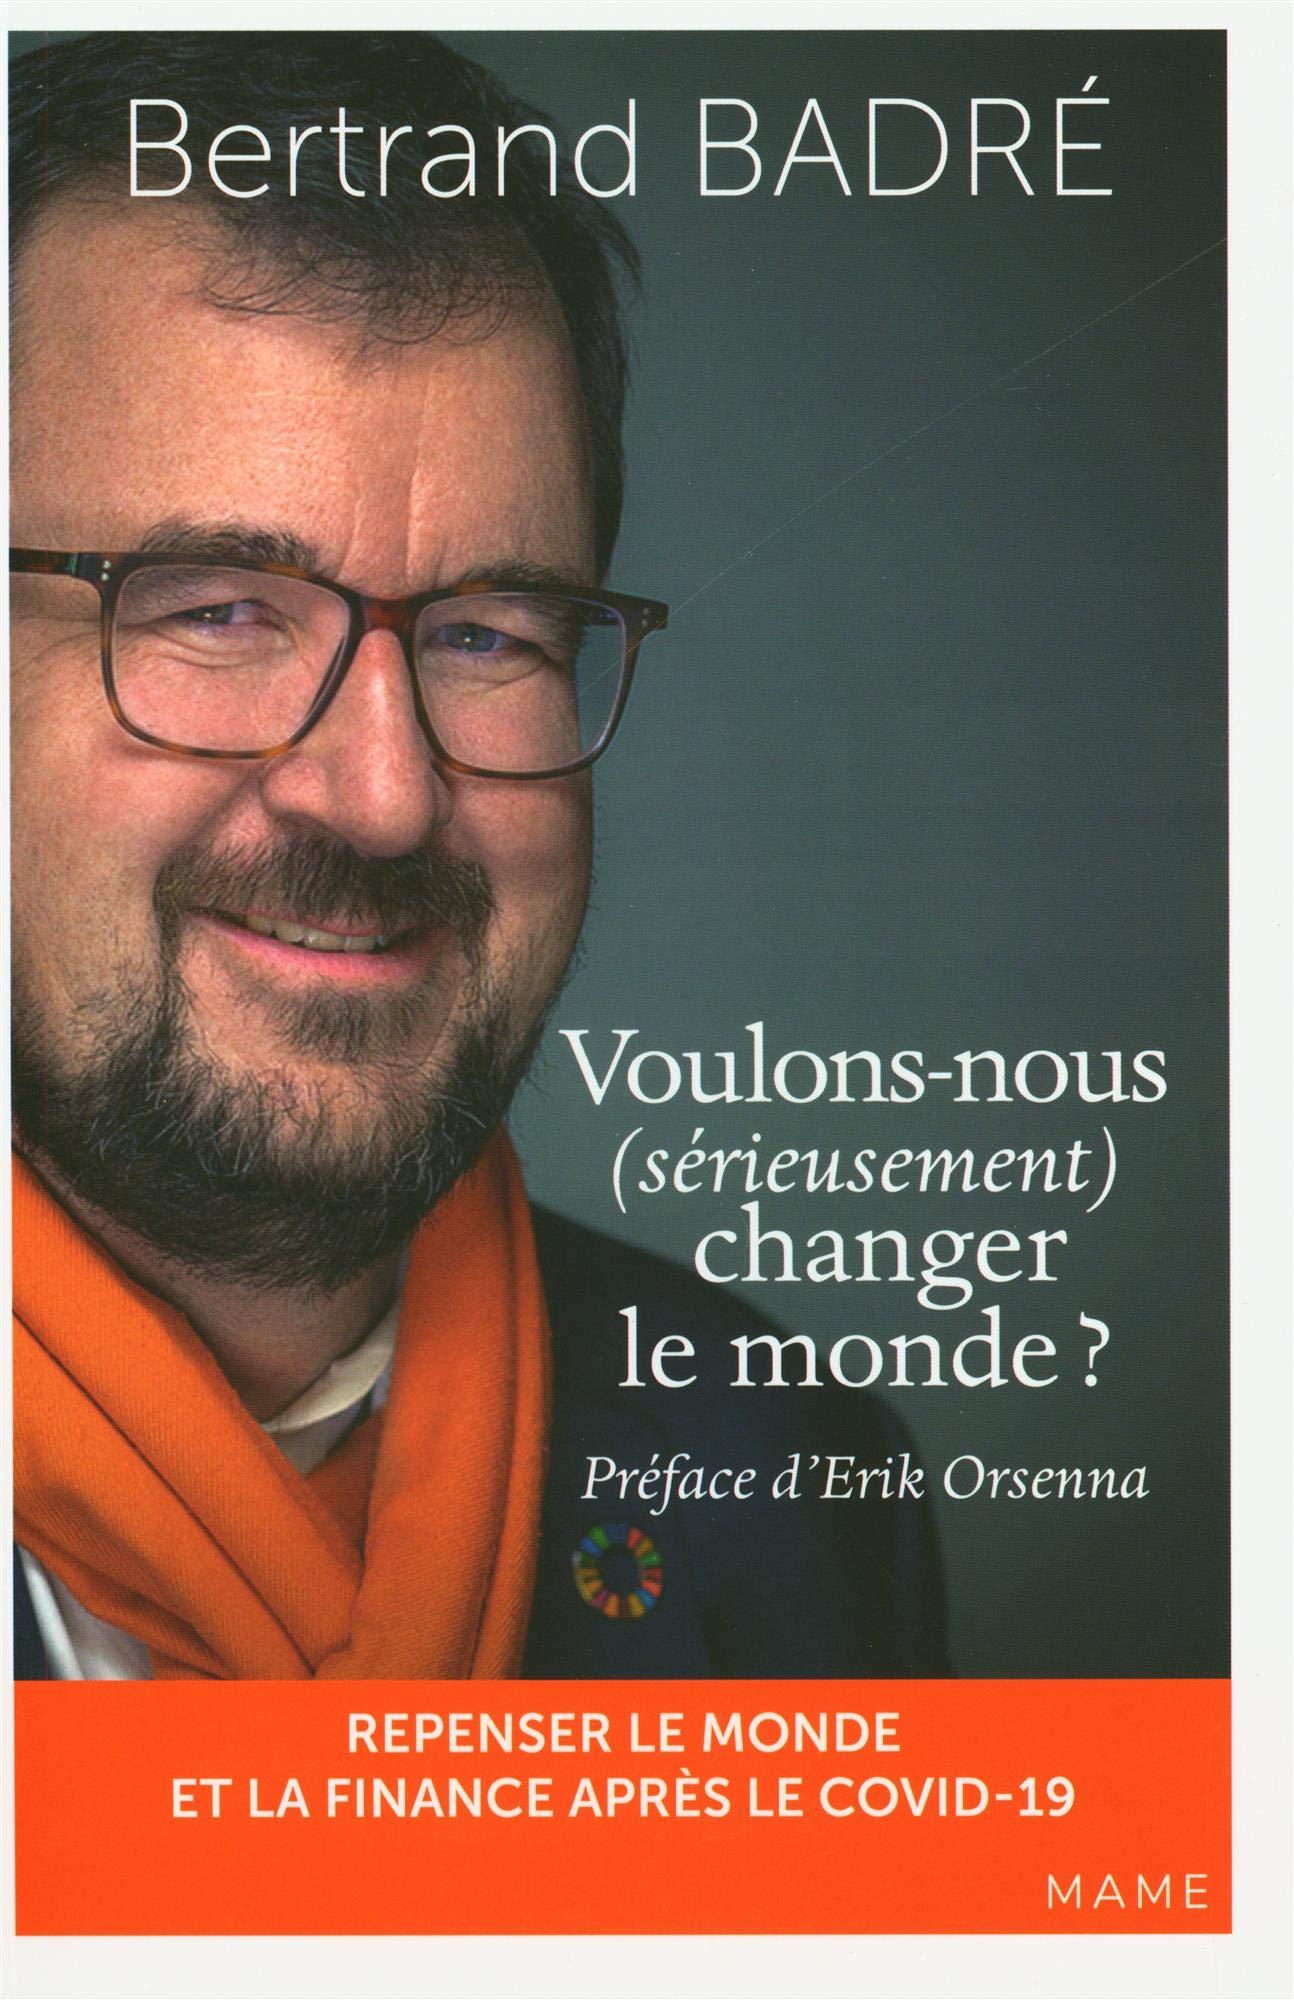 """Résultat de recherche d'images pour """"bertrand badré voulons-nous (sérieusement) changer le monde"""""""